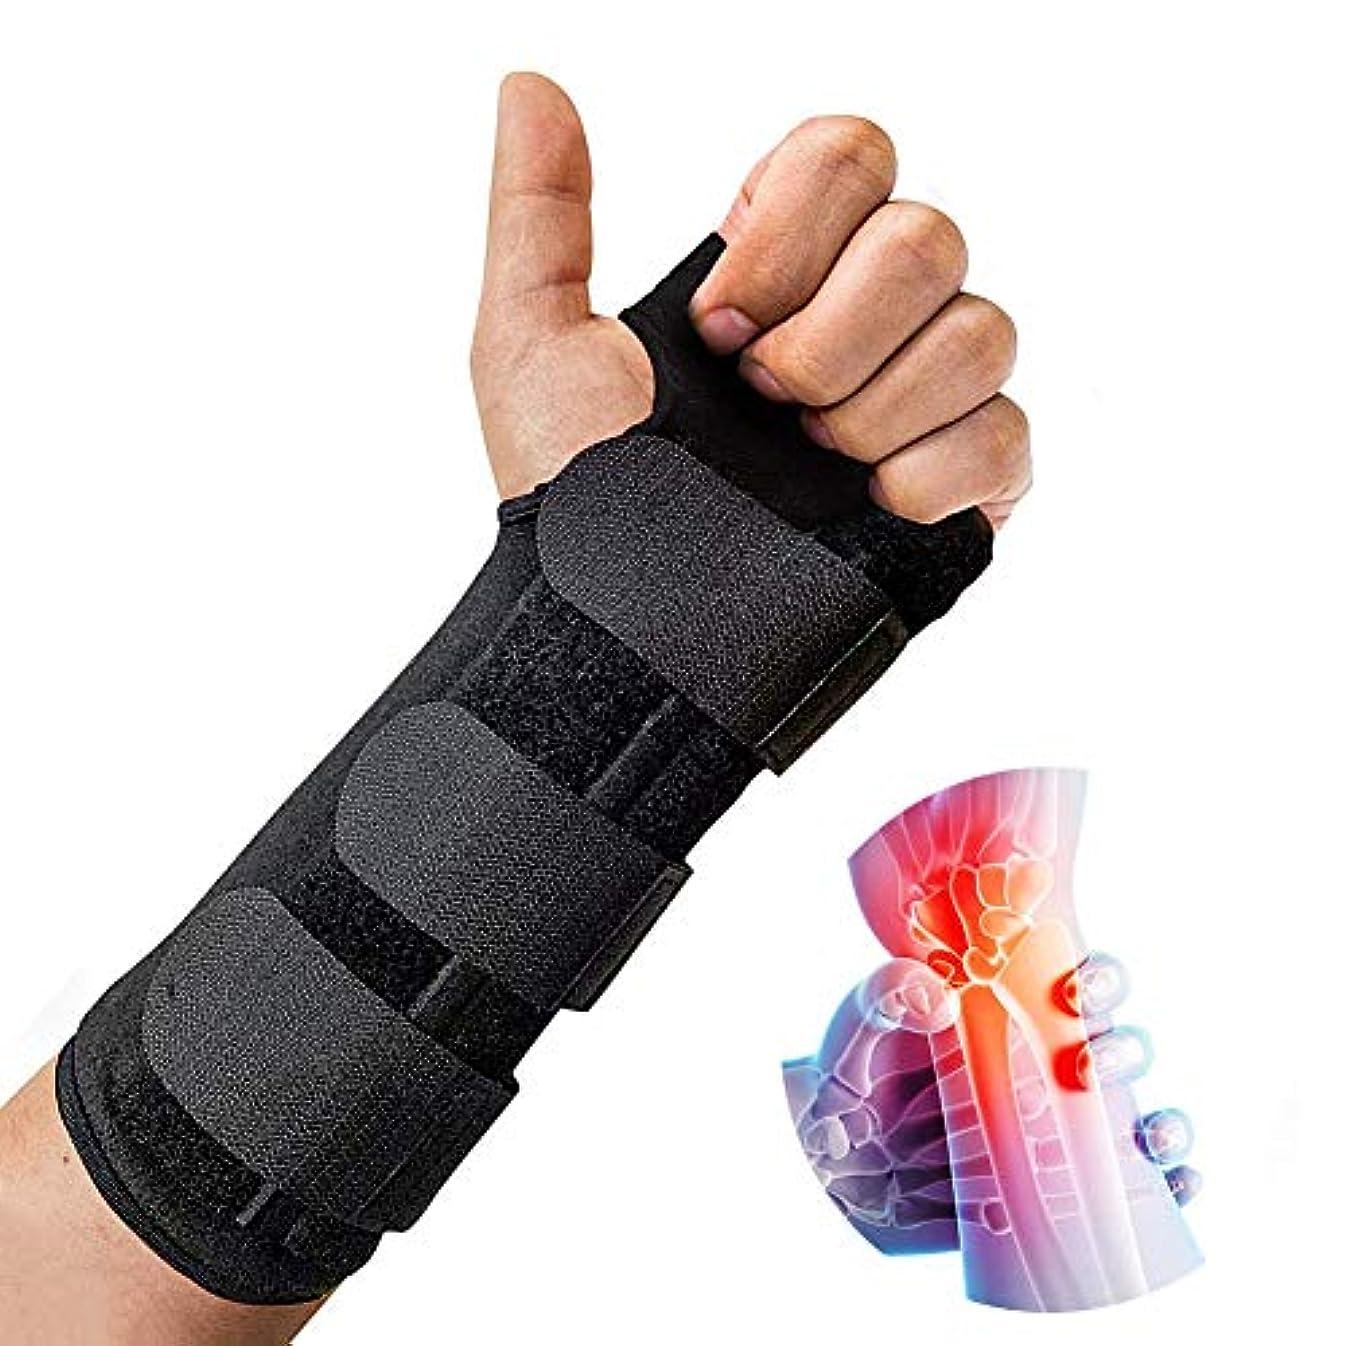 性差別からかうタイヤ手首 固定 サポーター 、クッションパッド付きの調整可能な軽量スプリントは、手根管関節炎、腱炎、骨折捻Spに最適な快適さを提供します。,Left,M